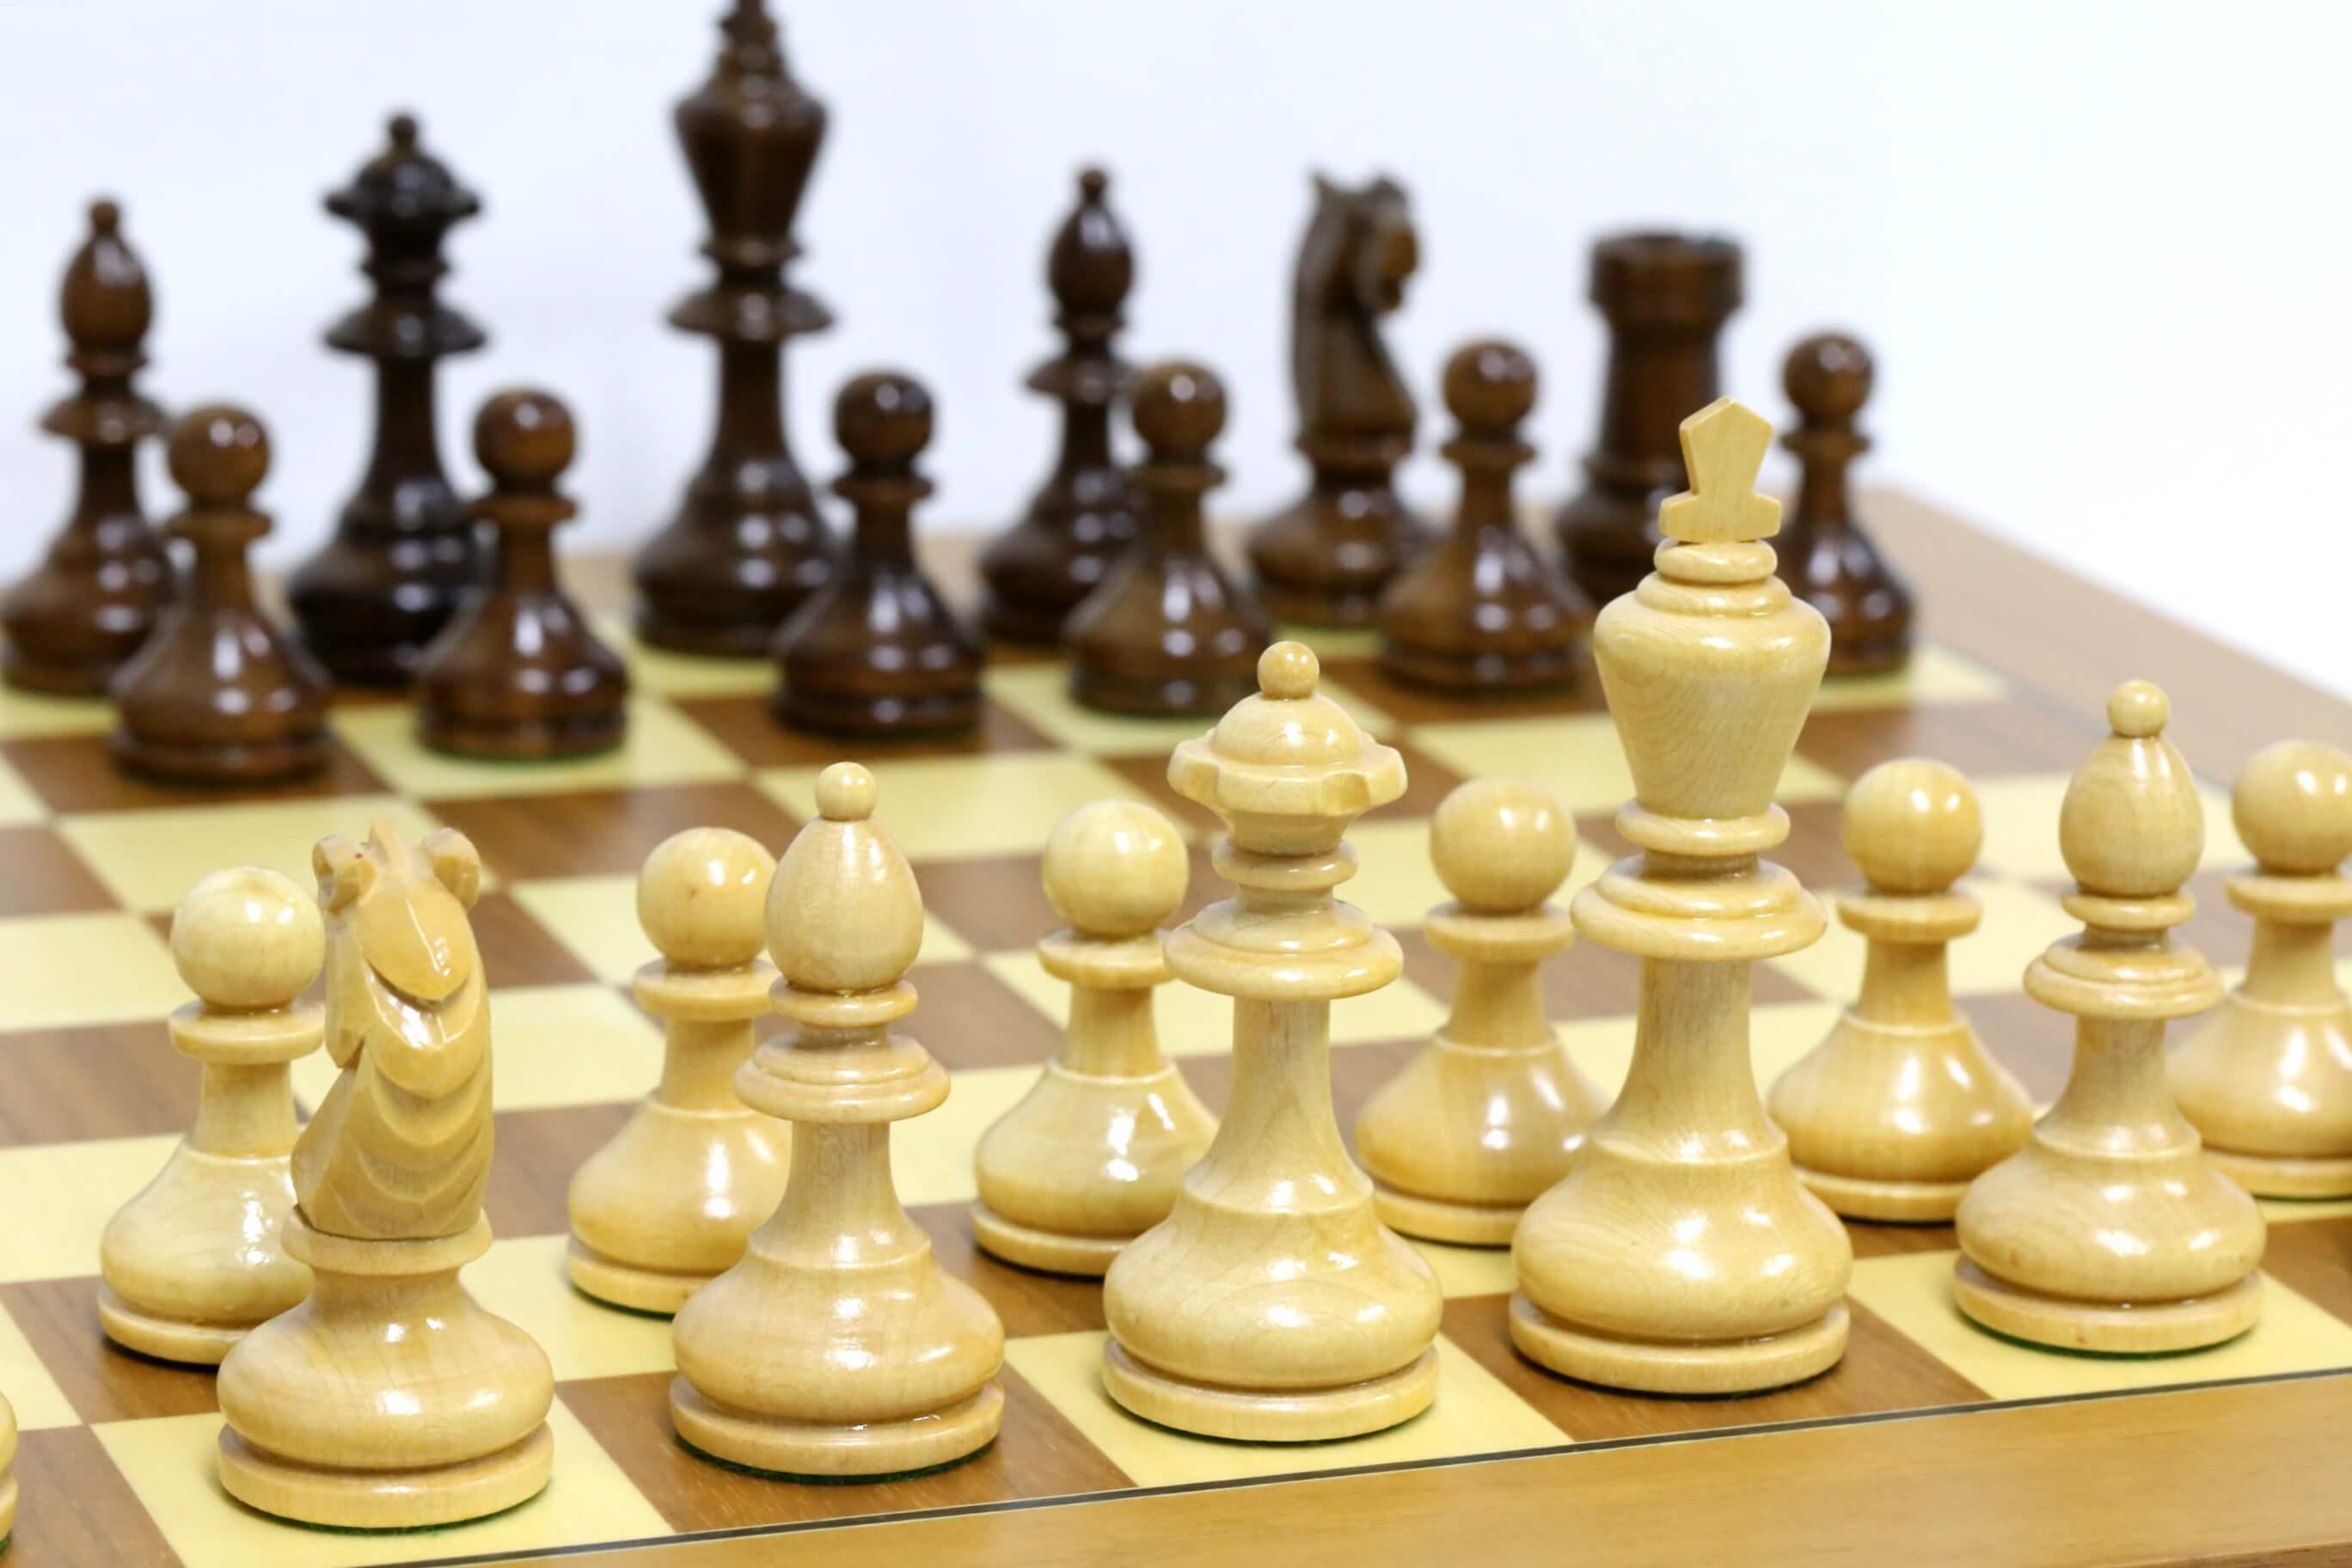 チェス 高価買取いたします。